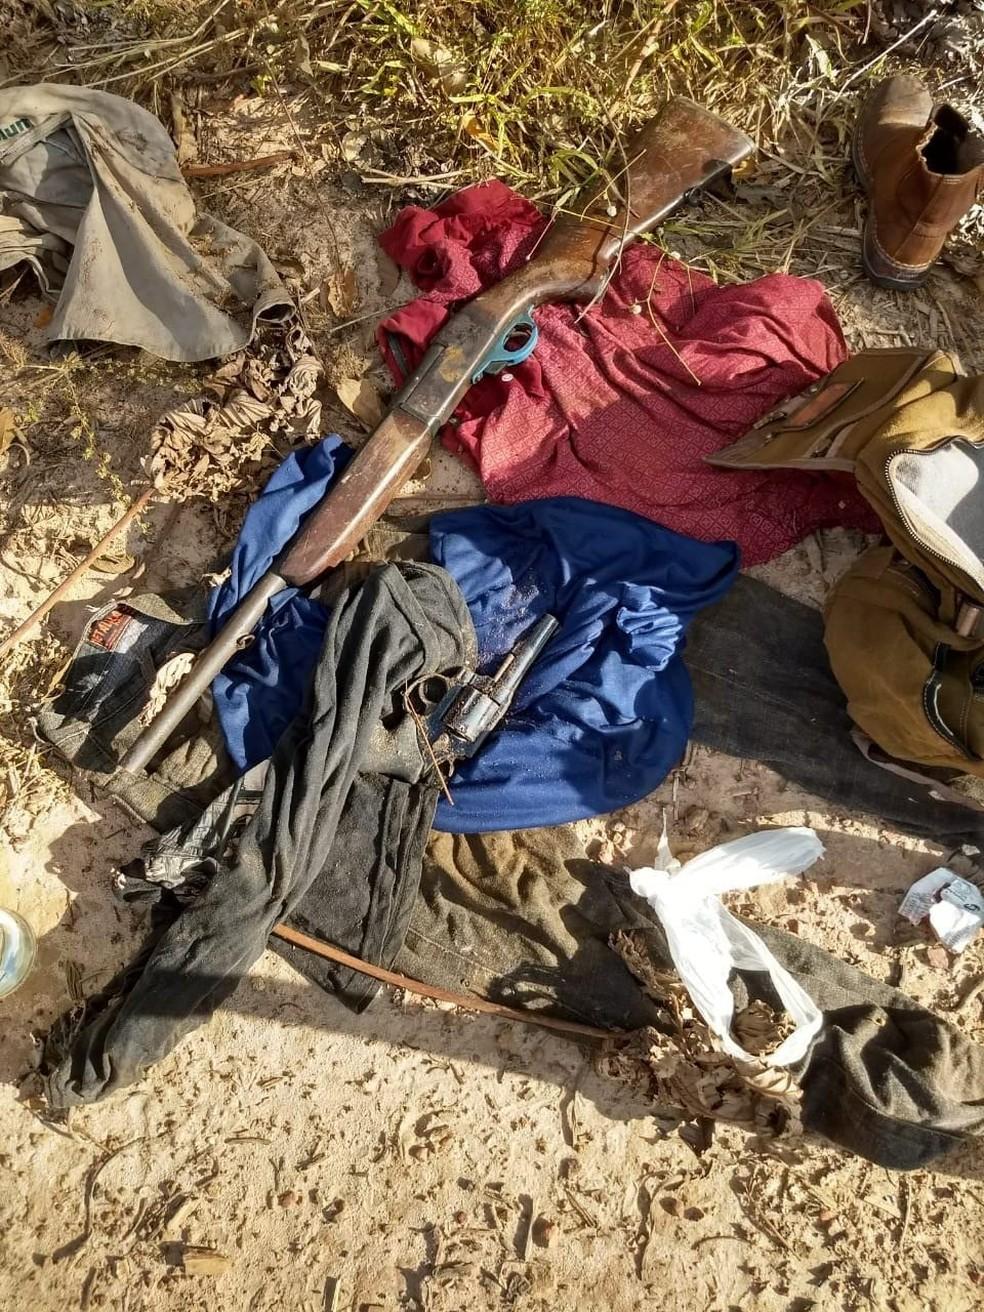 Armas apreendidas em Buriticupu, que a polícia acredita que foram usadas no arrombamento de agência bancária (Foto: Divulgação / Polícia Civil)